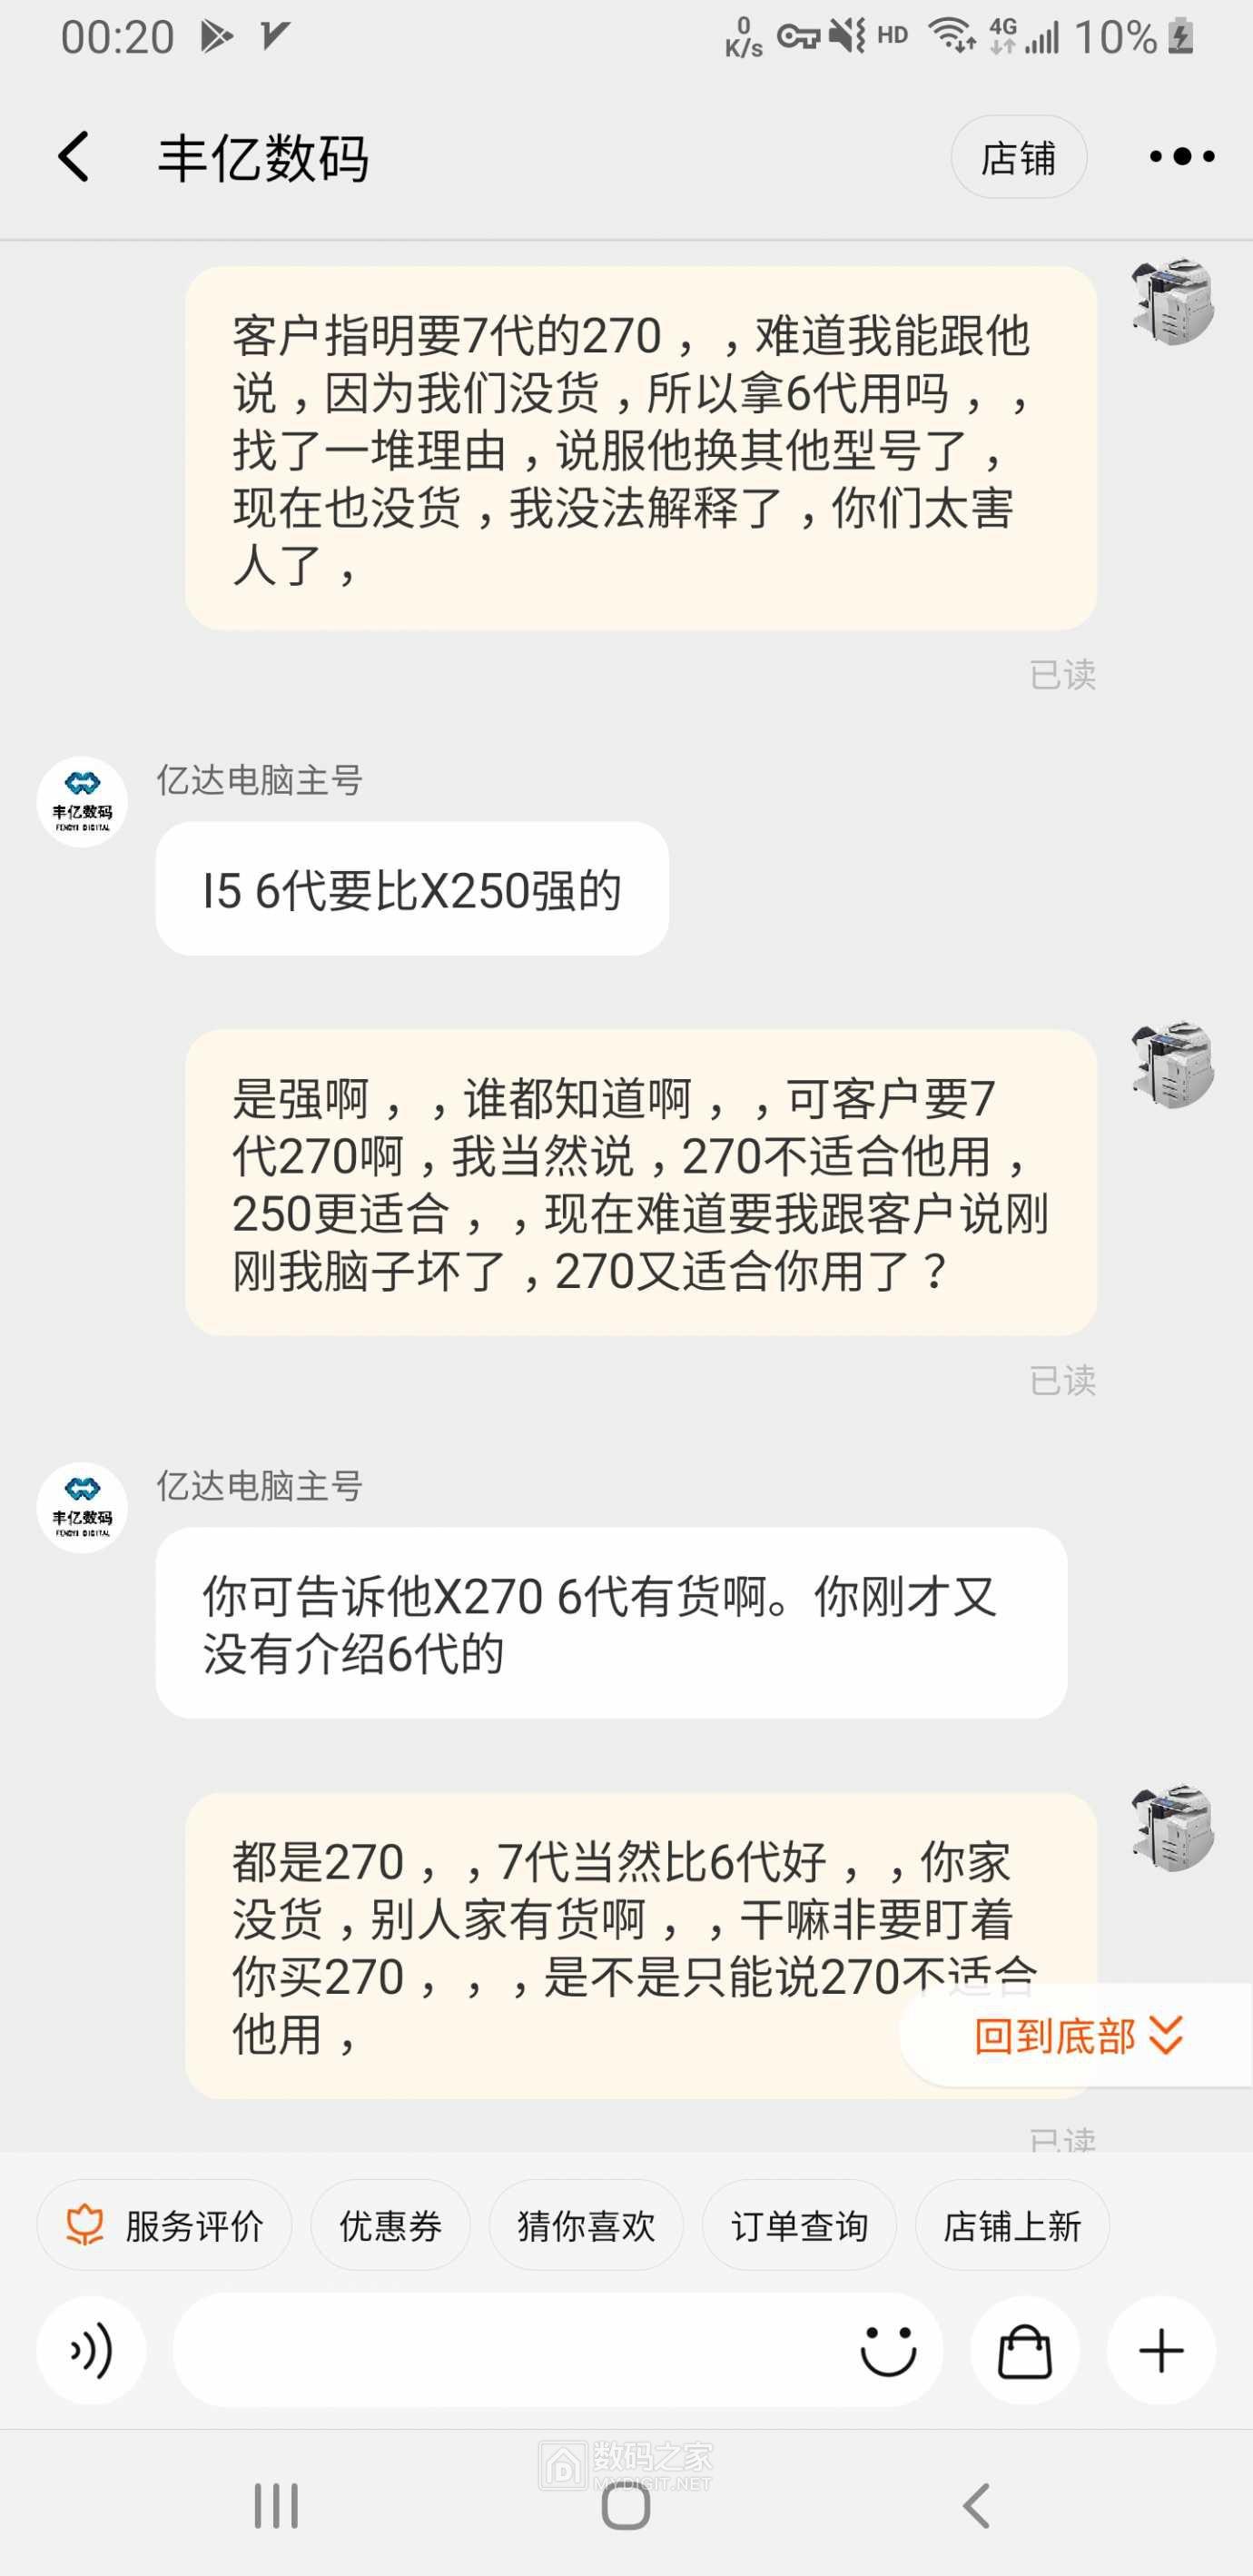 Screenshot_20210513-002015.jpg